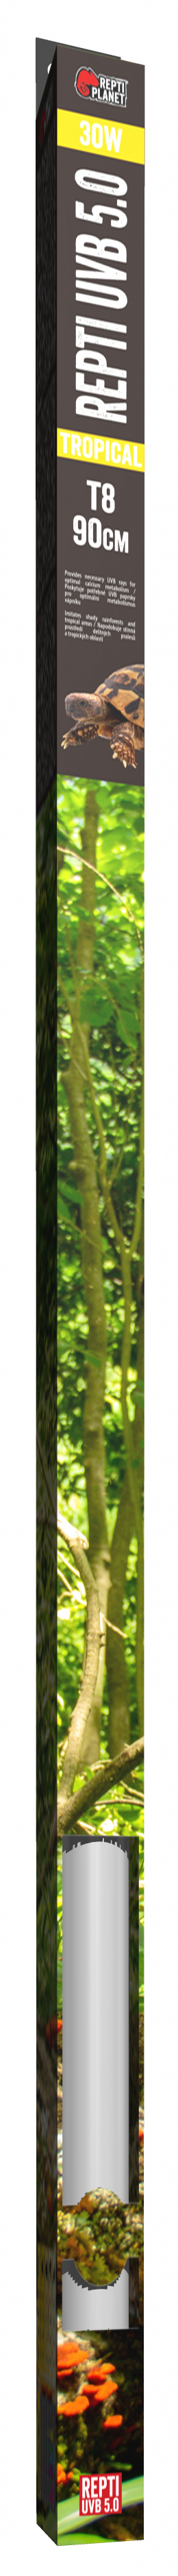 Repti Planet zářivka Fluorescent UVB 5.0 90cm 30W